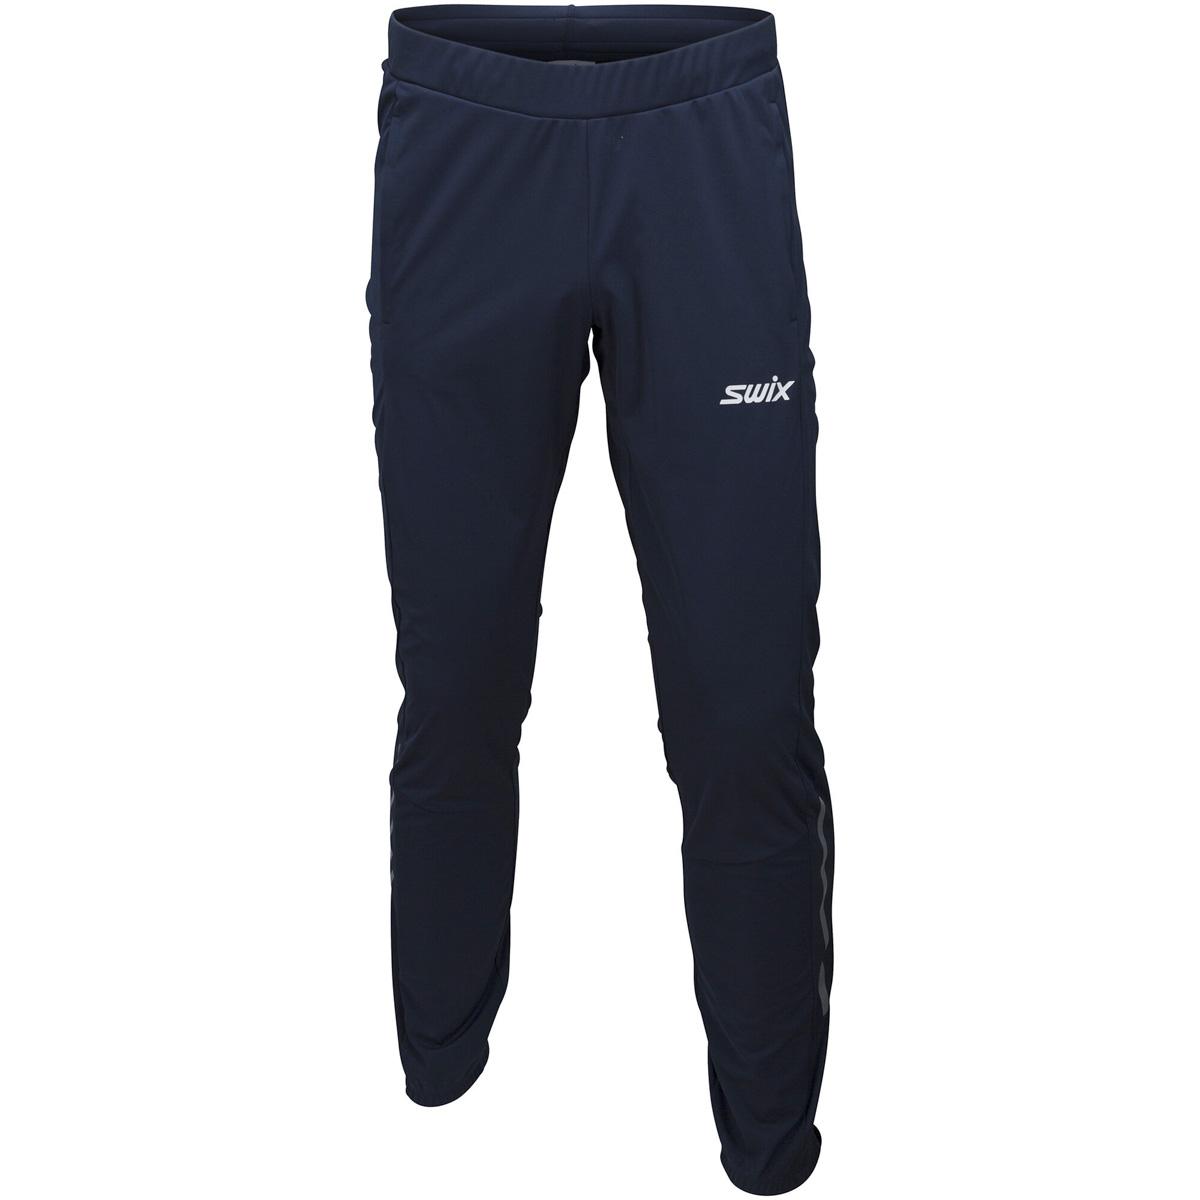 22824-75100_Swix_pánské_kalhoty_Dynamic_Swixshop